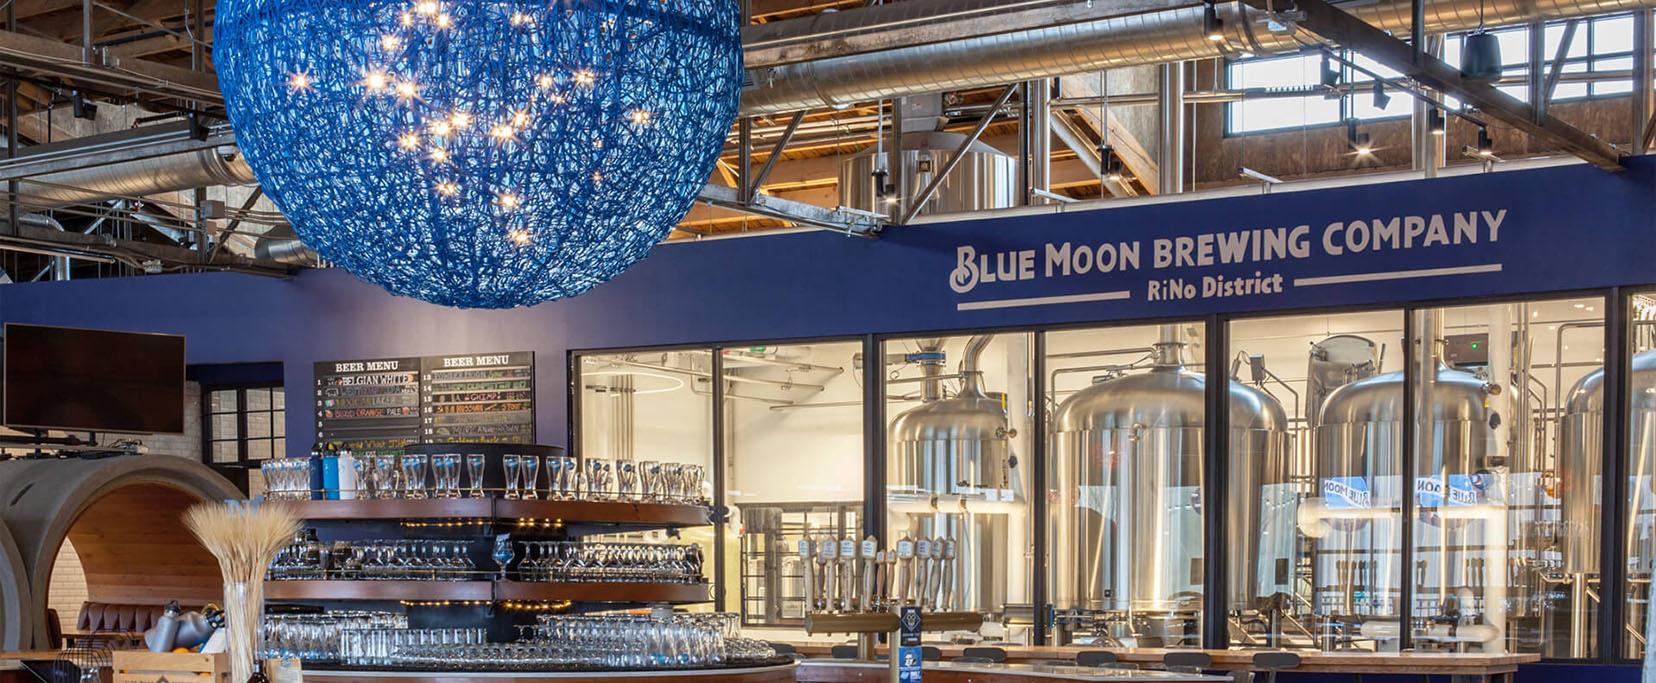 A Blue Moon Brewing Company (Foto: Divulgação)